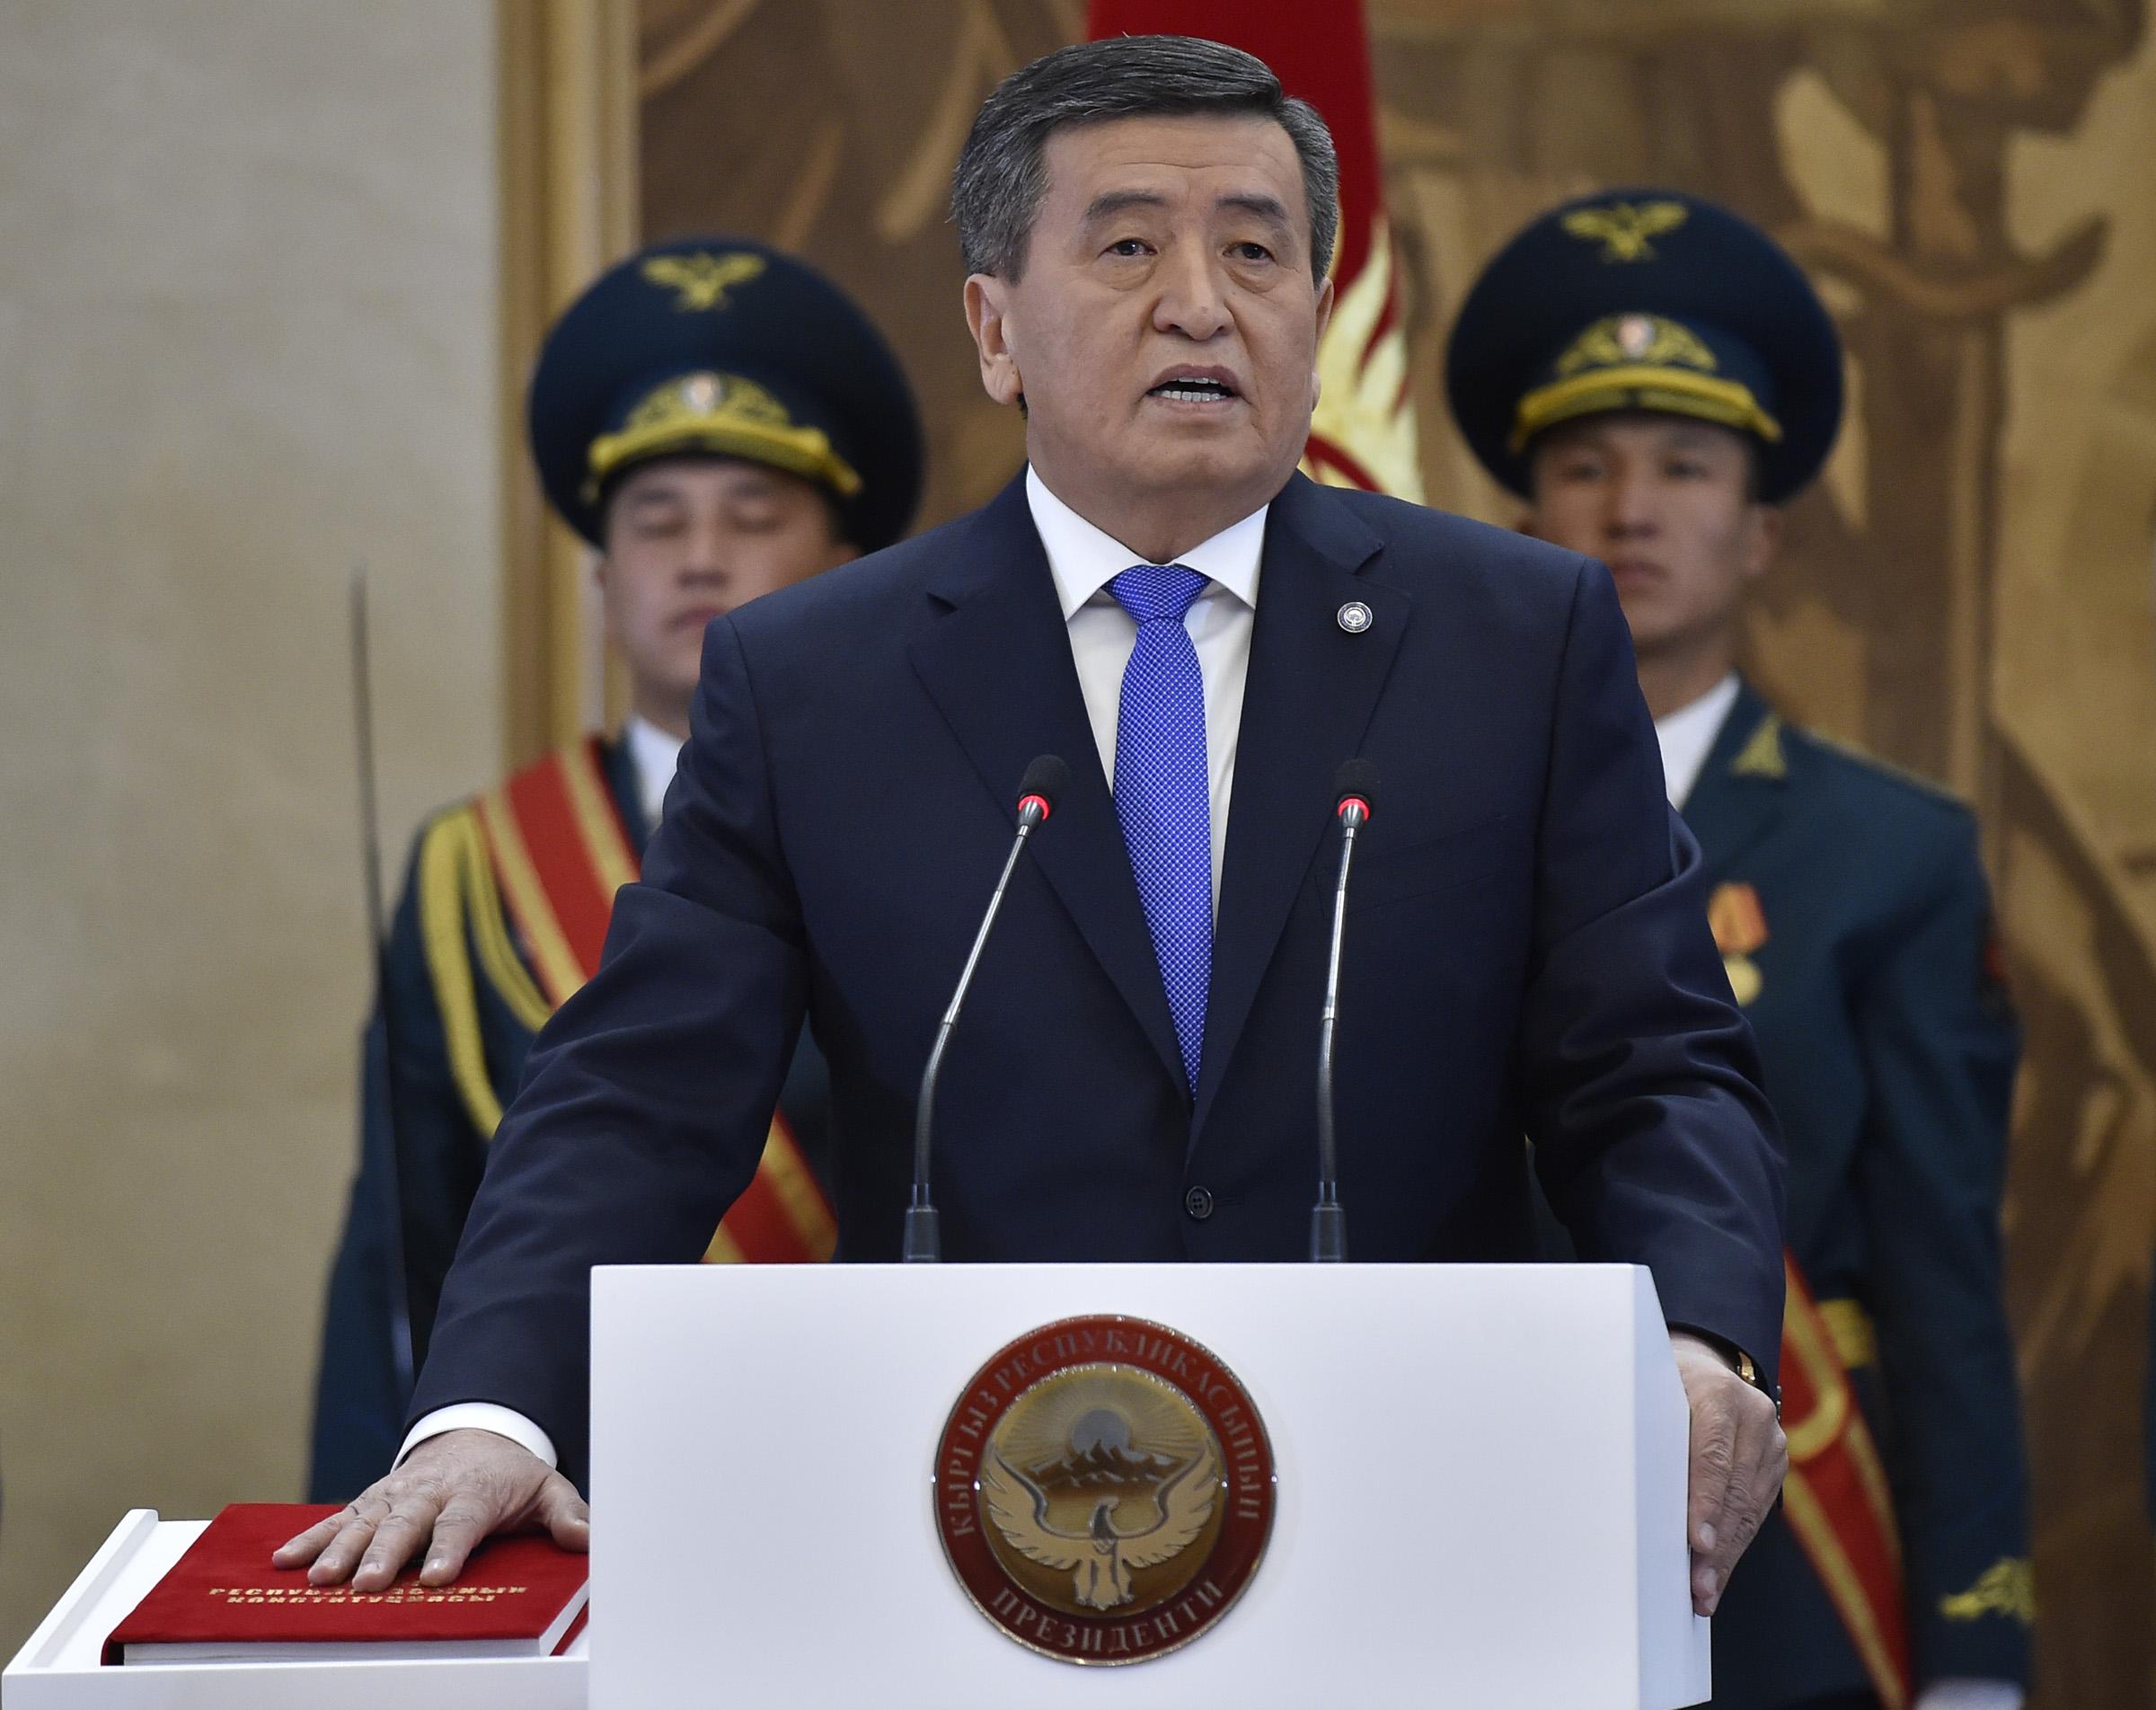 Инаугурация президента Кыргызстана